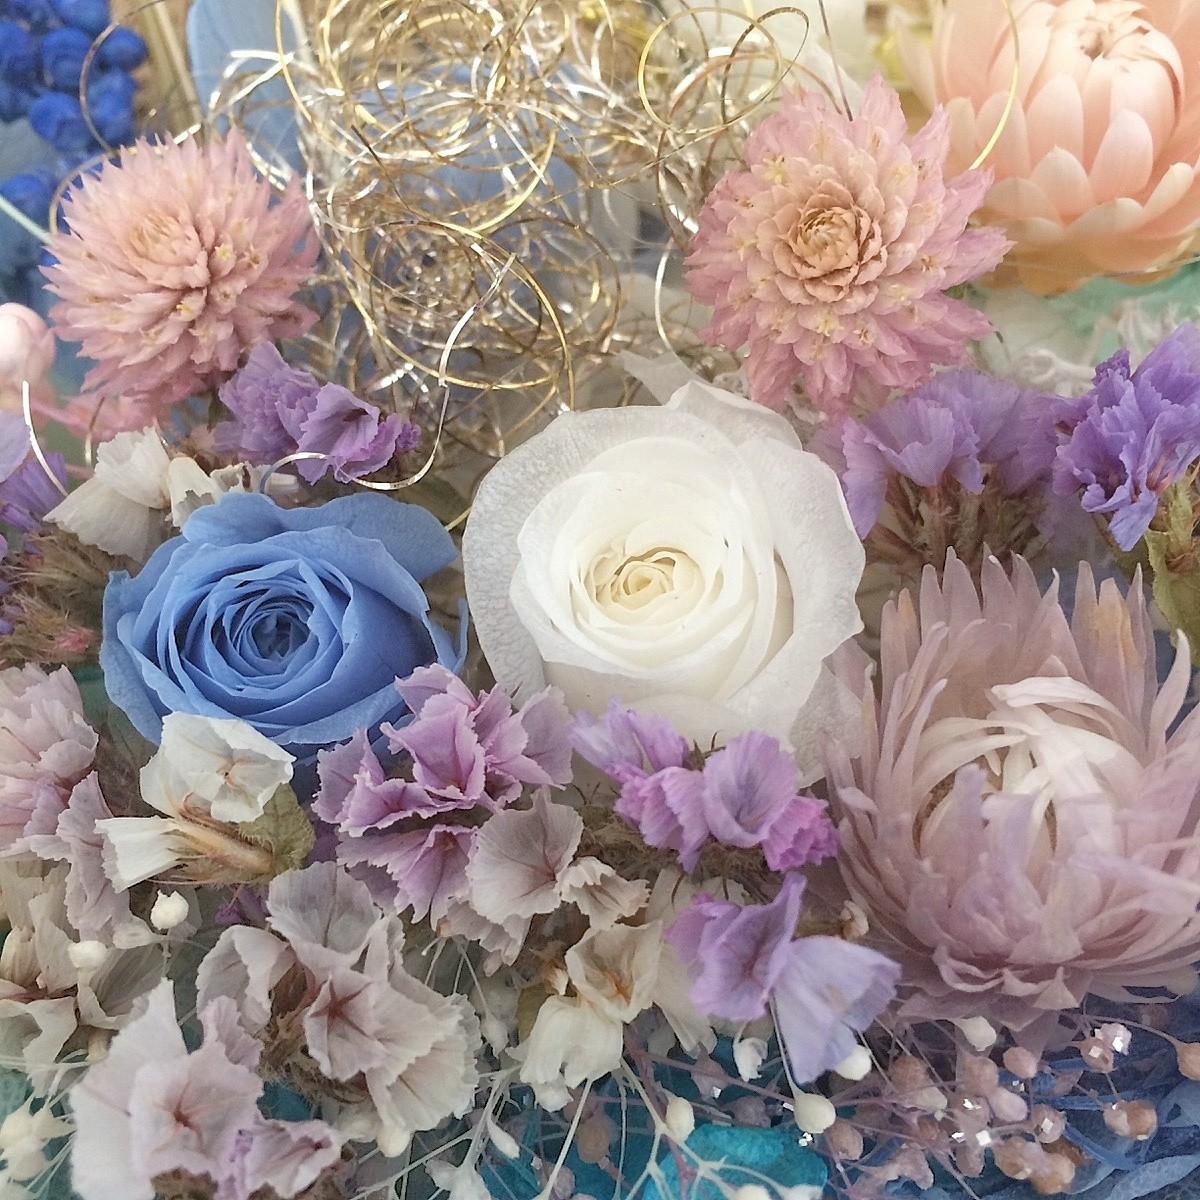 花材20 貝細工 ドライフラワー ハーバリウム花材 プリザーブドフラワー